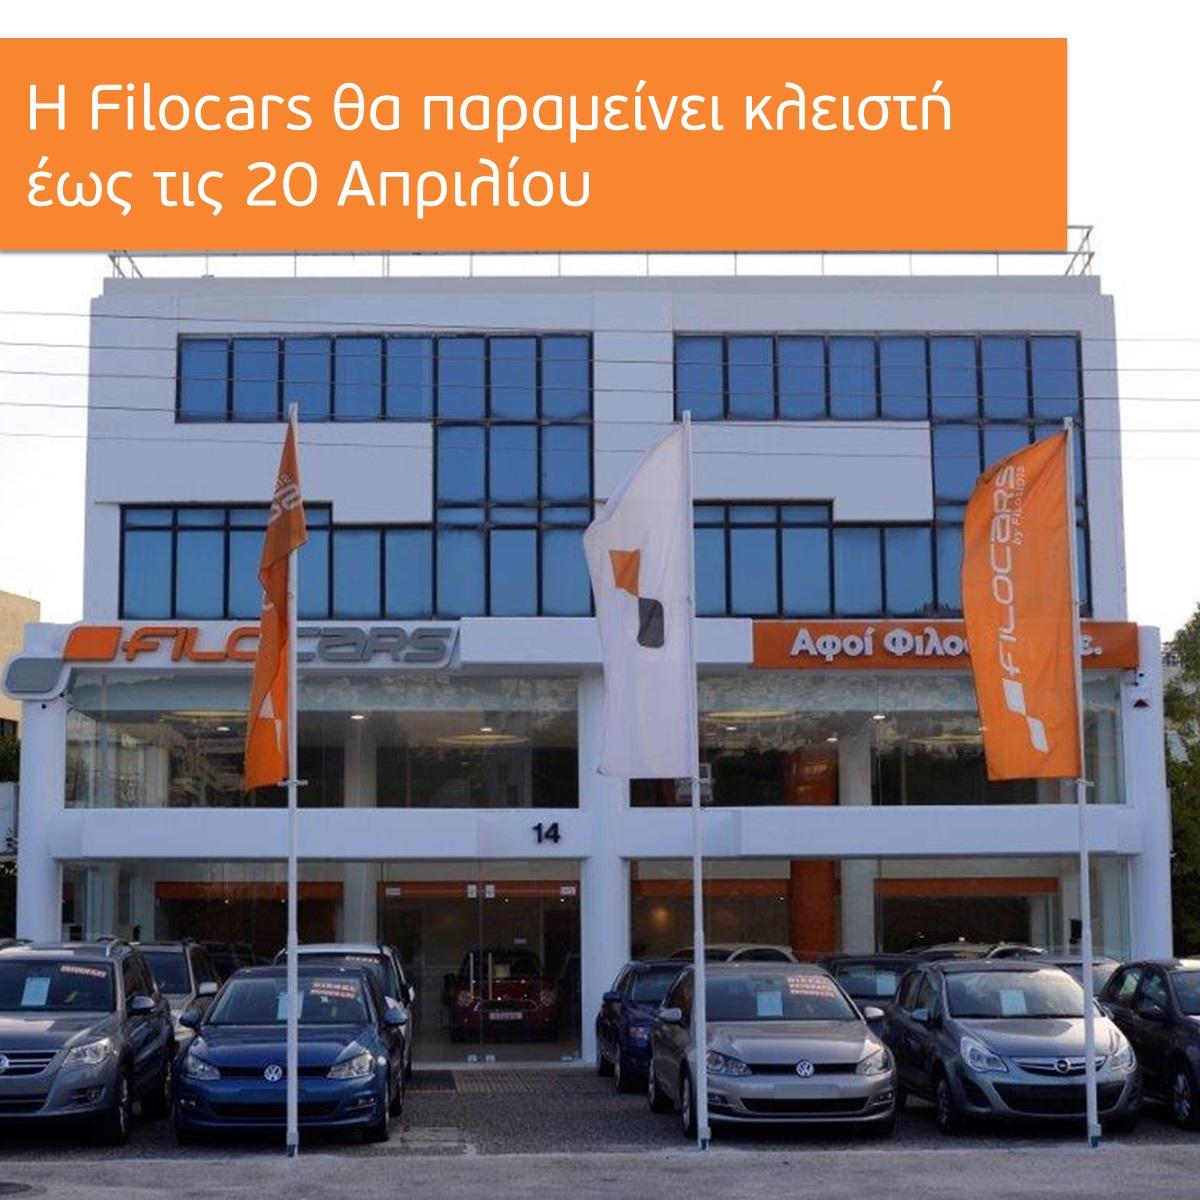 filocars-20april